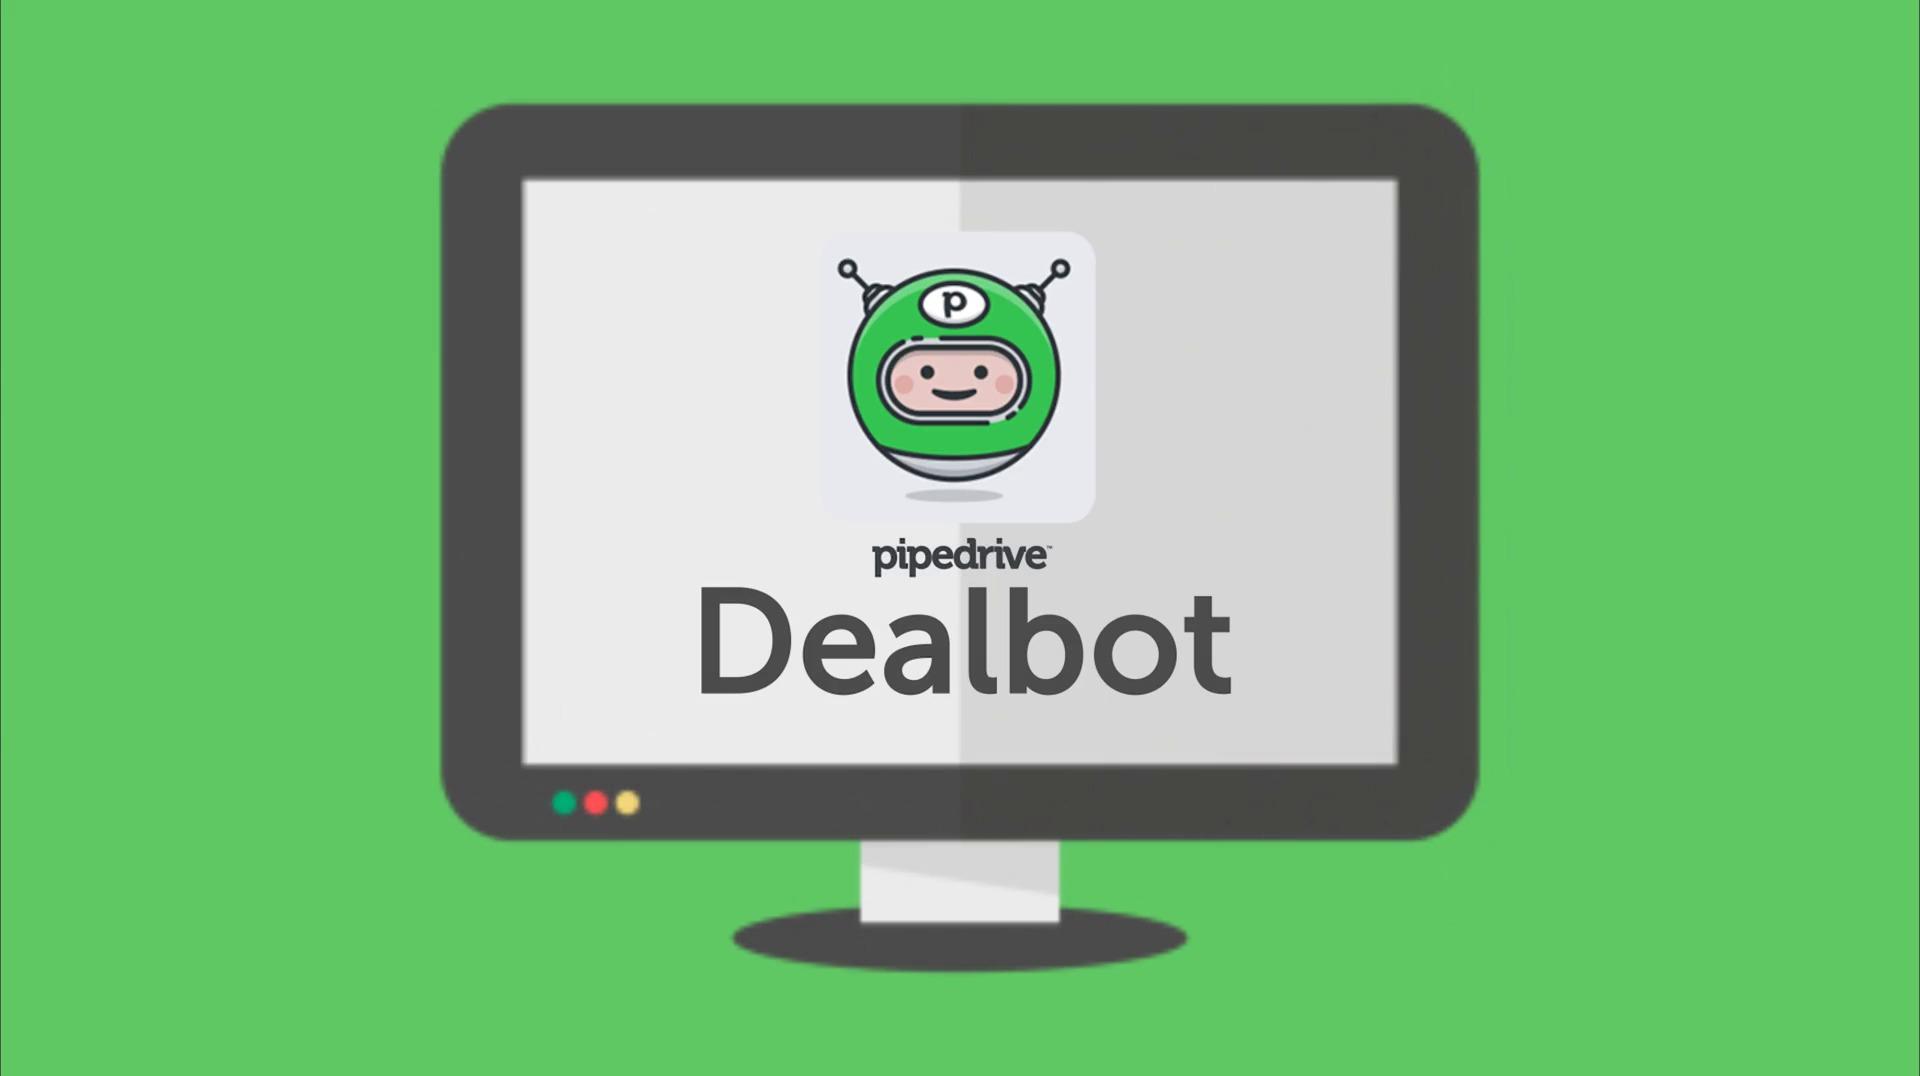 Dealbot - Pipedrive Slack integration